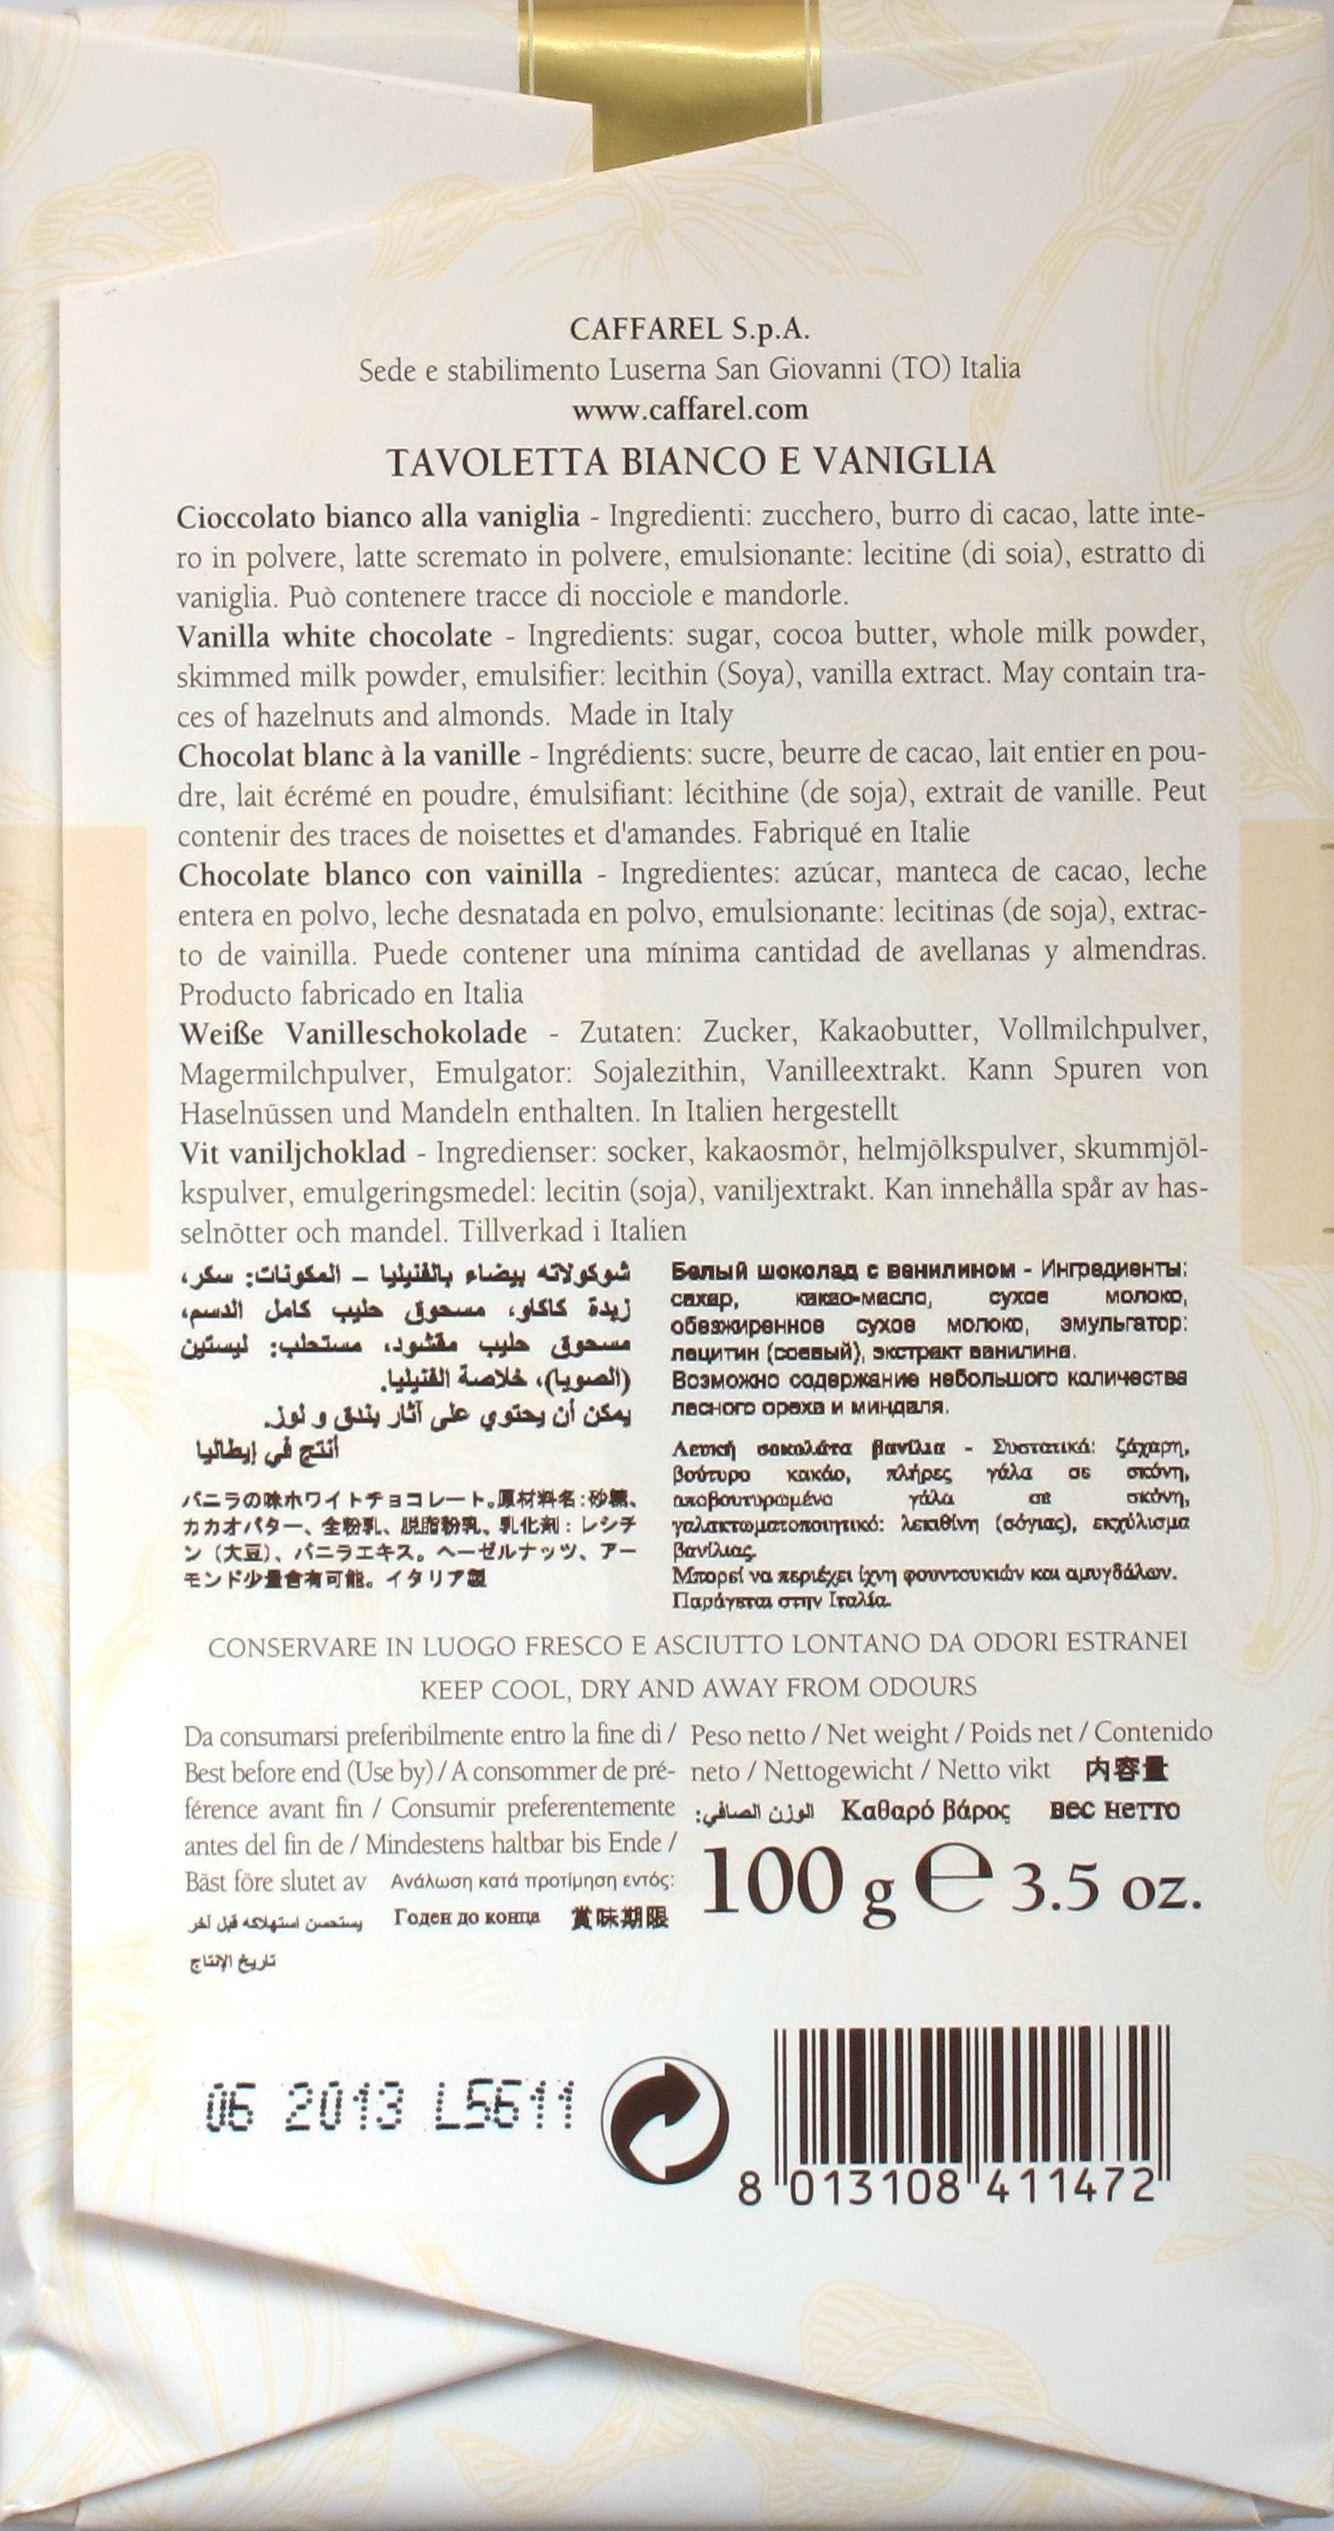 Caffarel Weiße Schokolade (Inhaltsangaben)